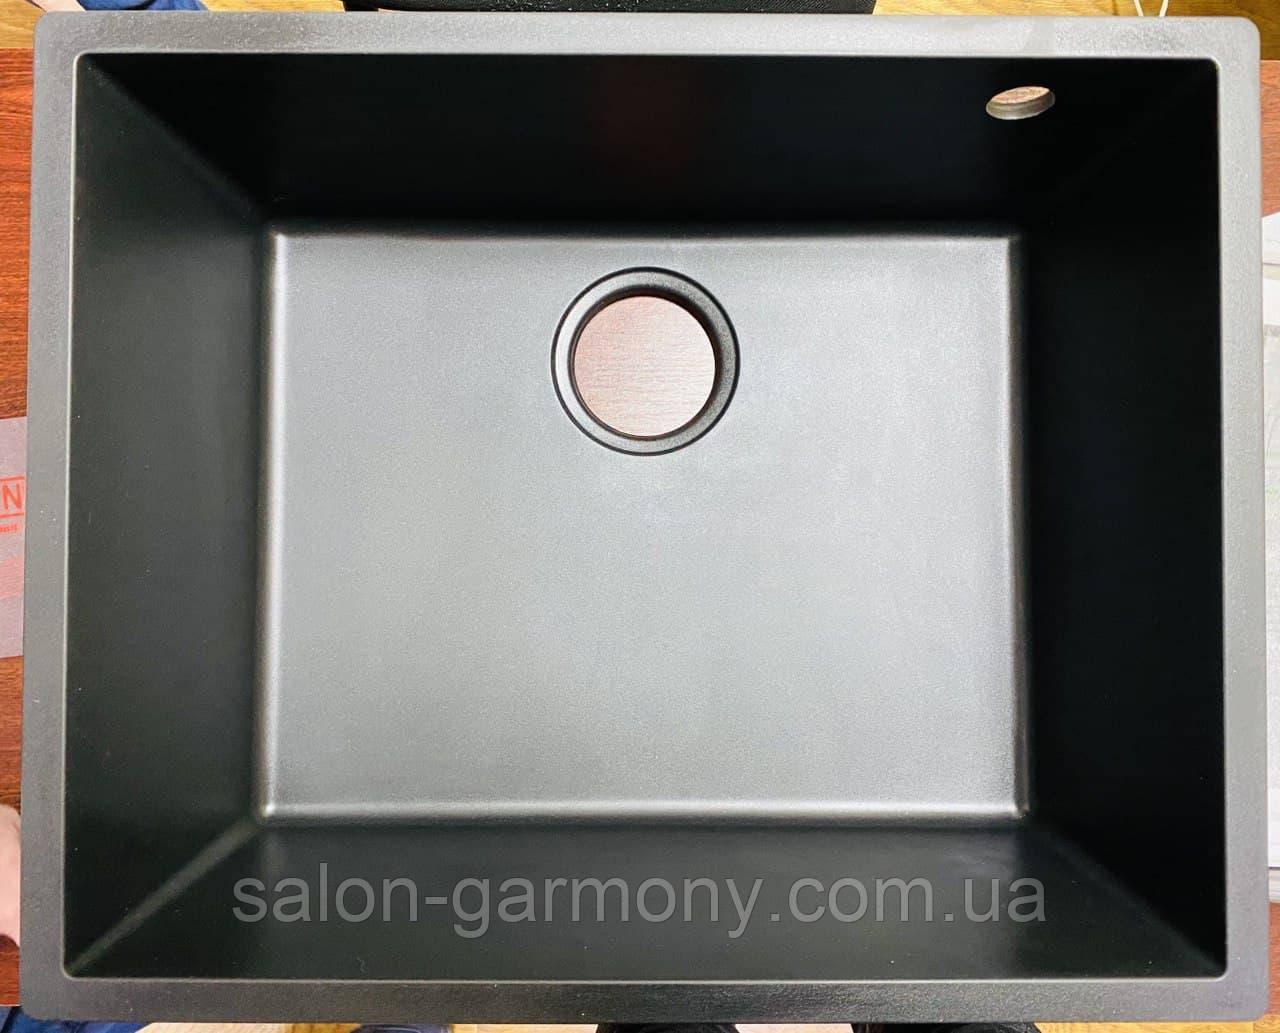 Гранитная мойка для кухни Platinum 5444 OASIS матовая Графит